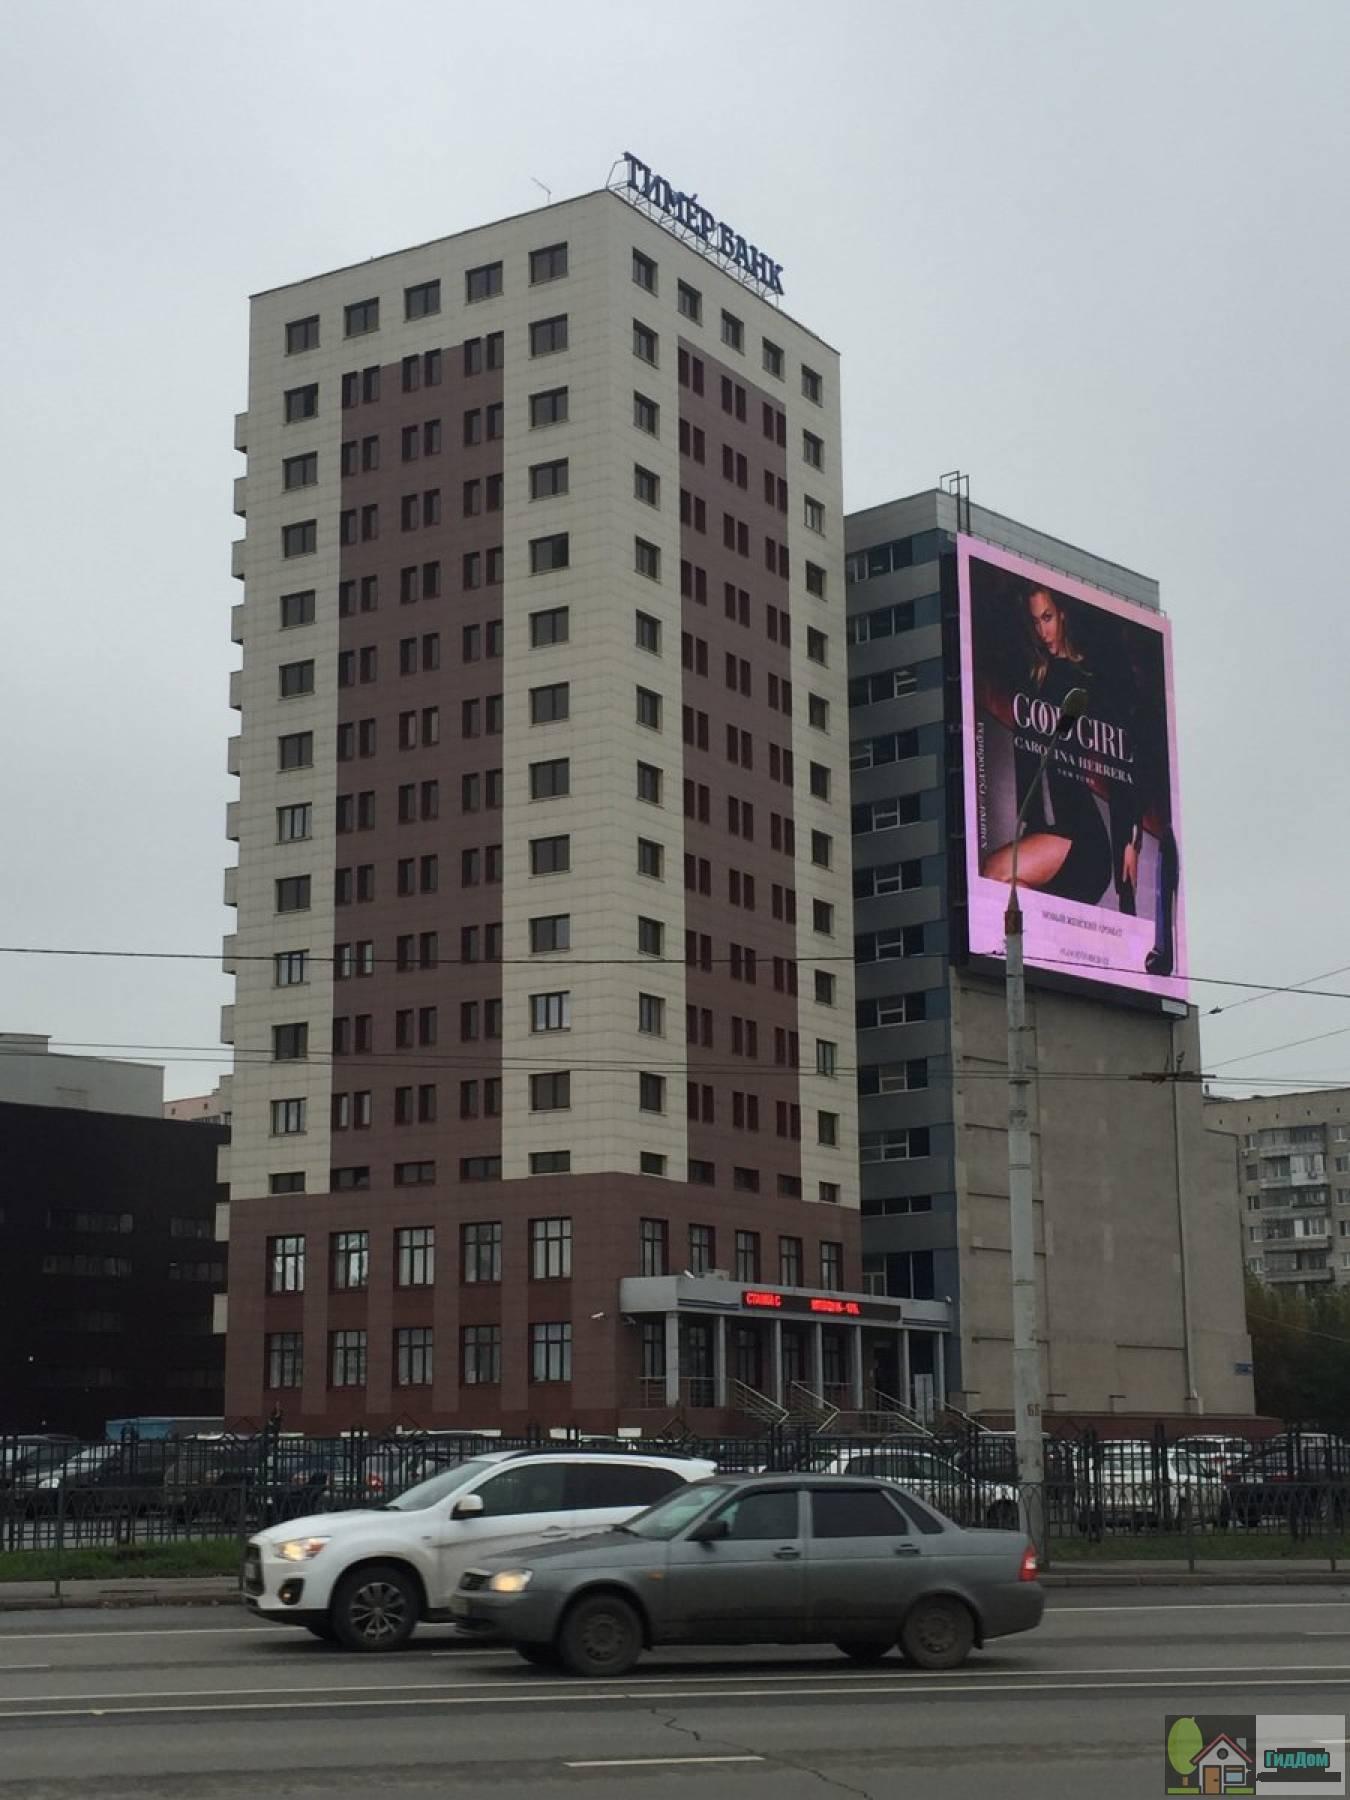 Головное отделение Тимер Банка в Казани Файл загружен из открытых источников.